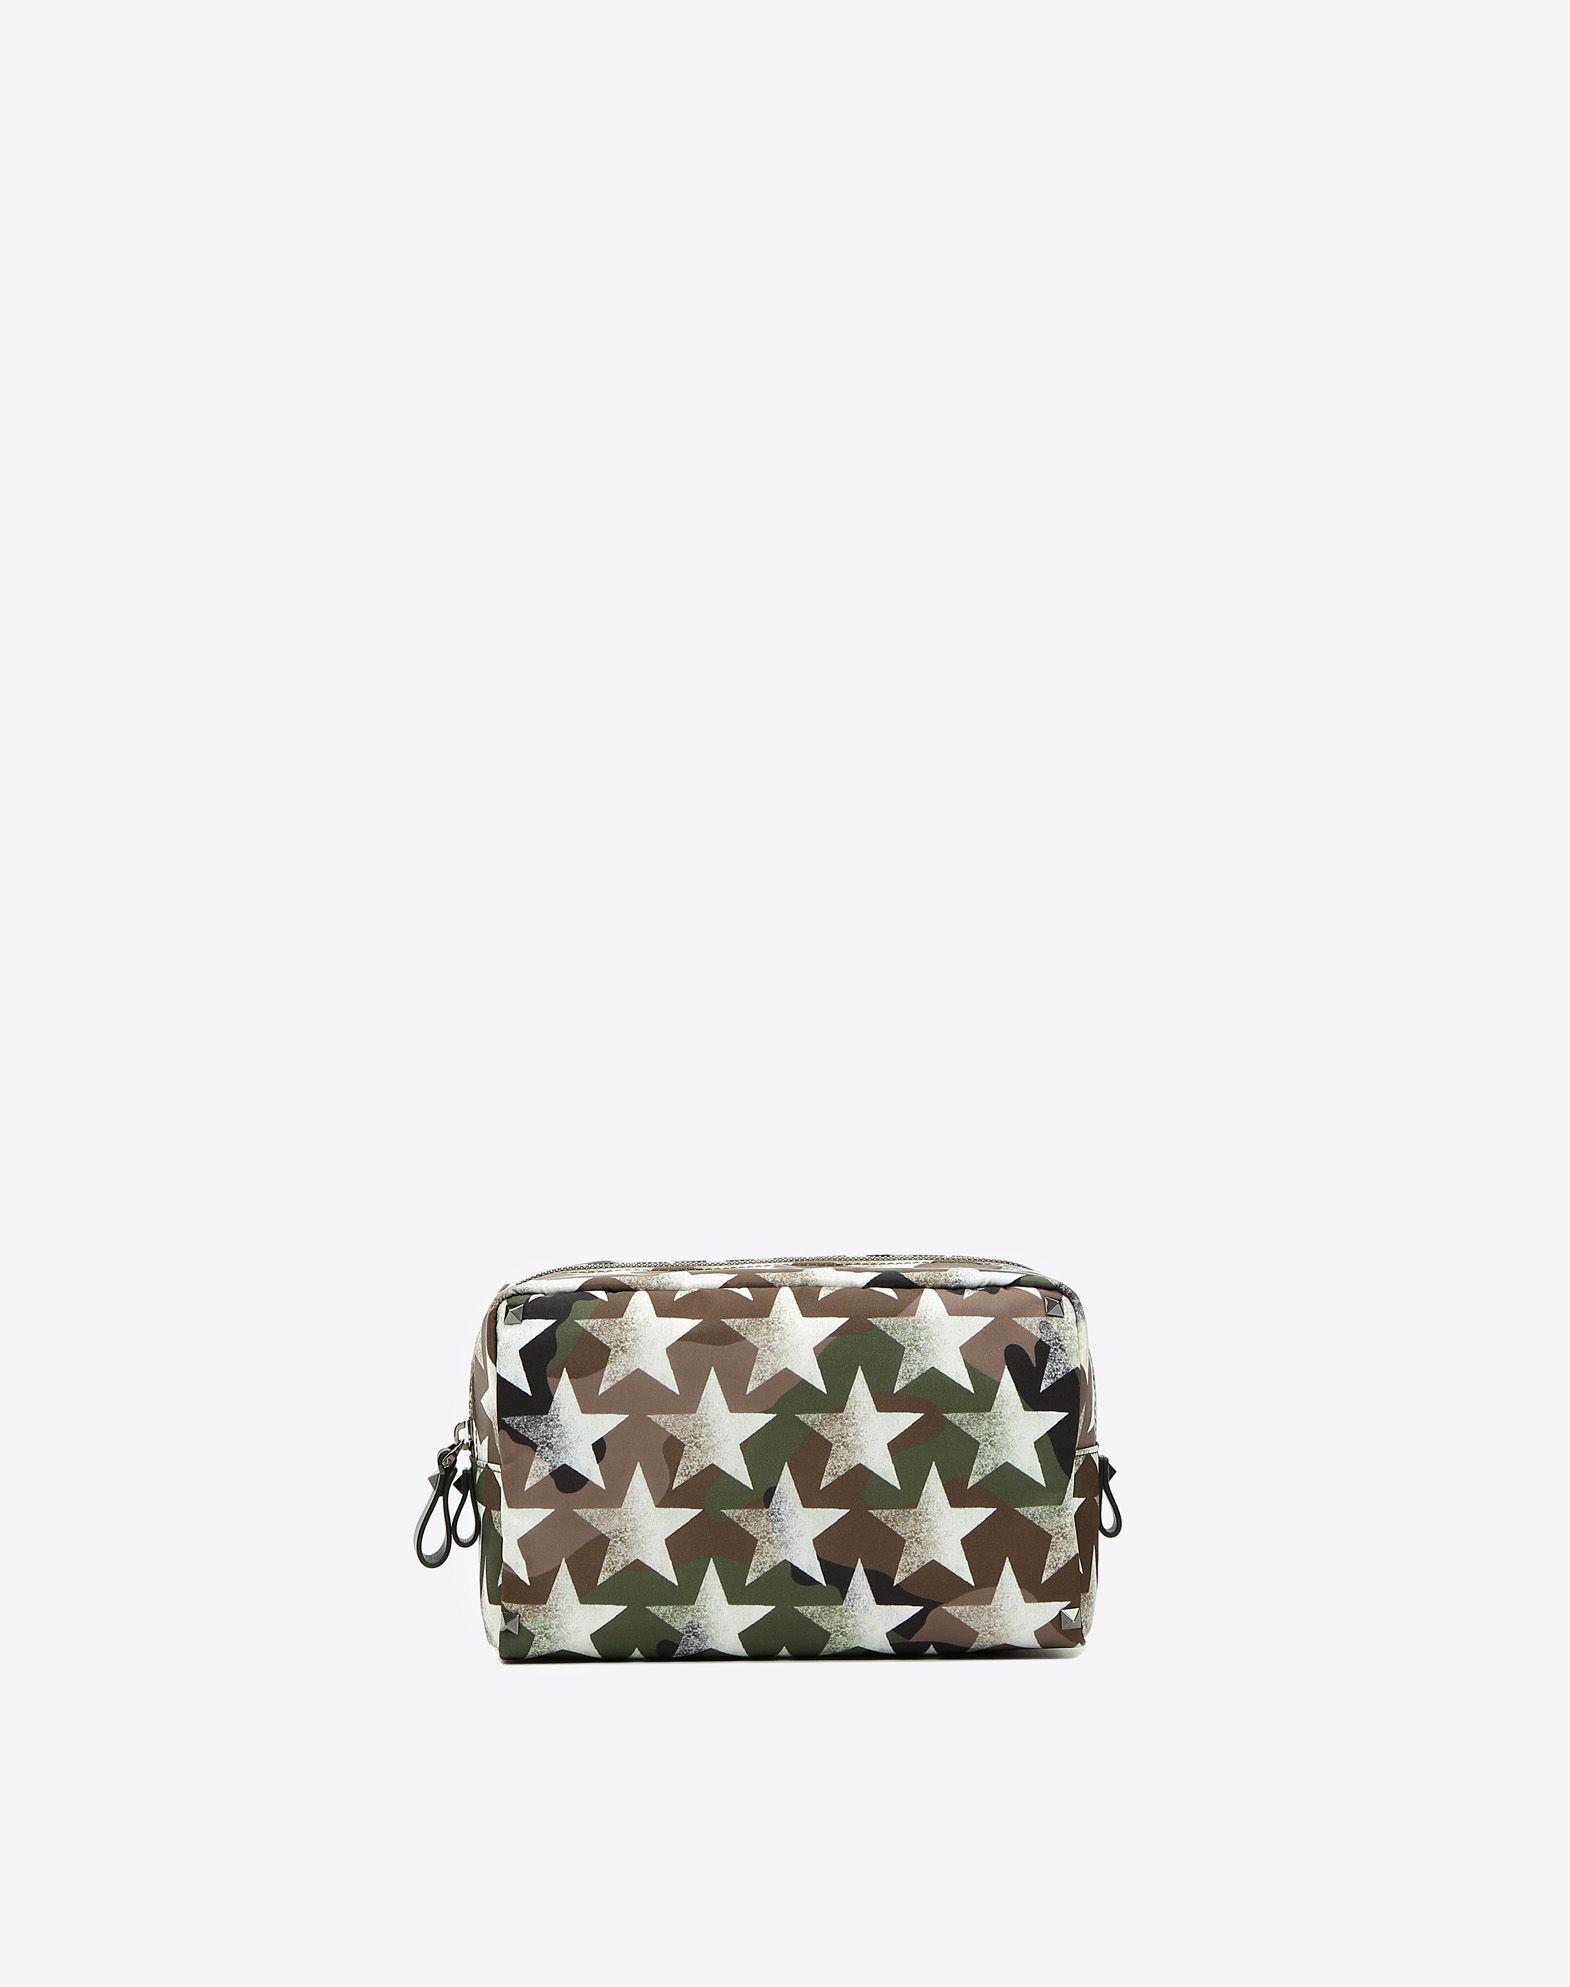 VALENTINO Twill Camouflage design Studs Logo Zip closure Internal zip pocket  46494412vk